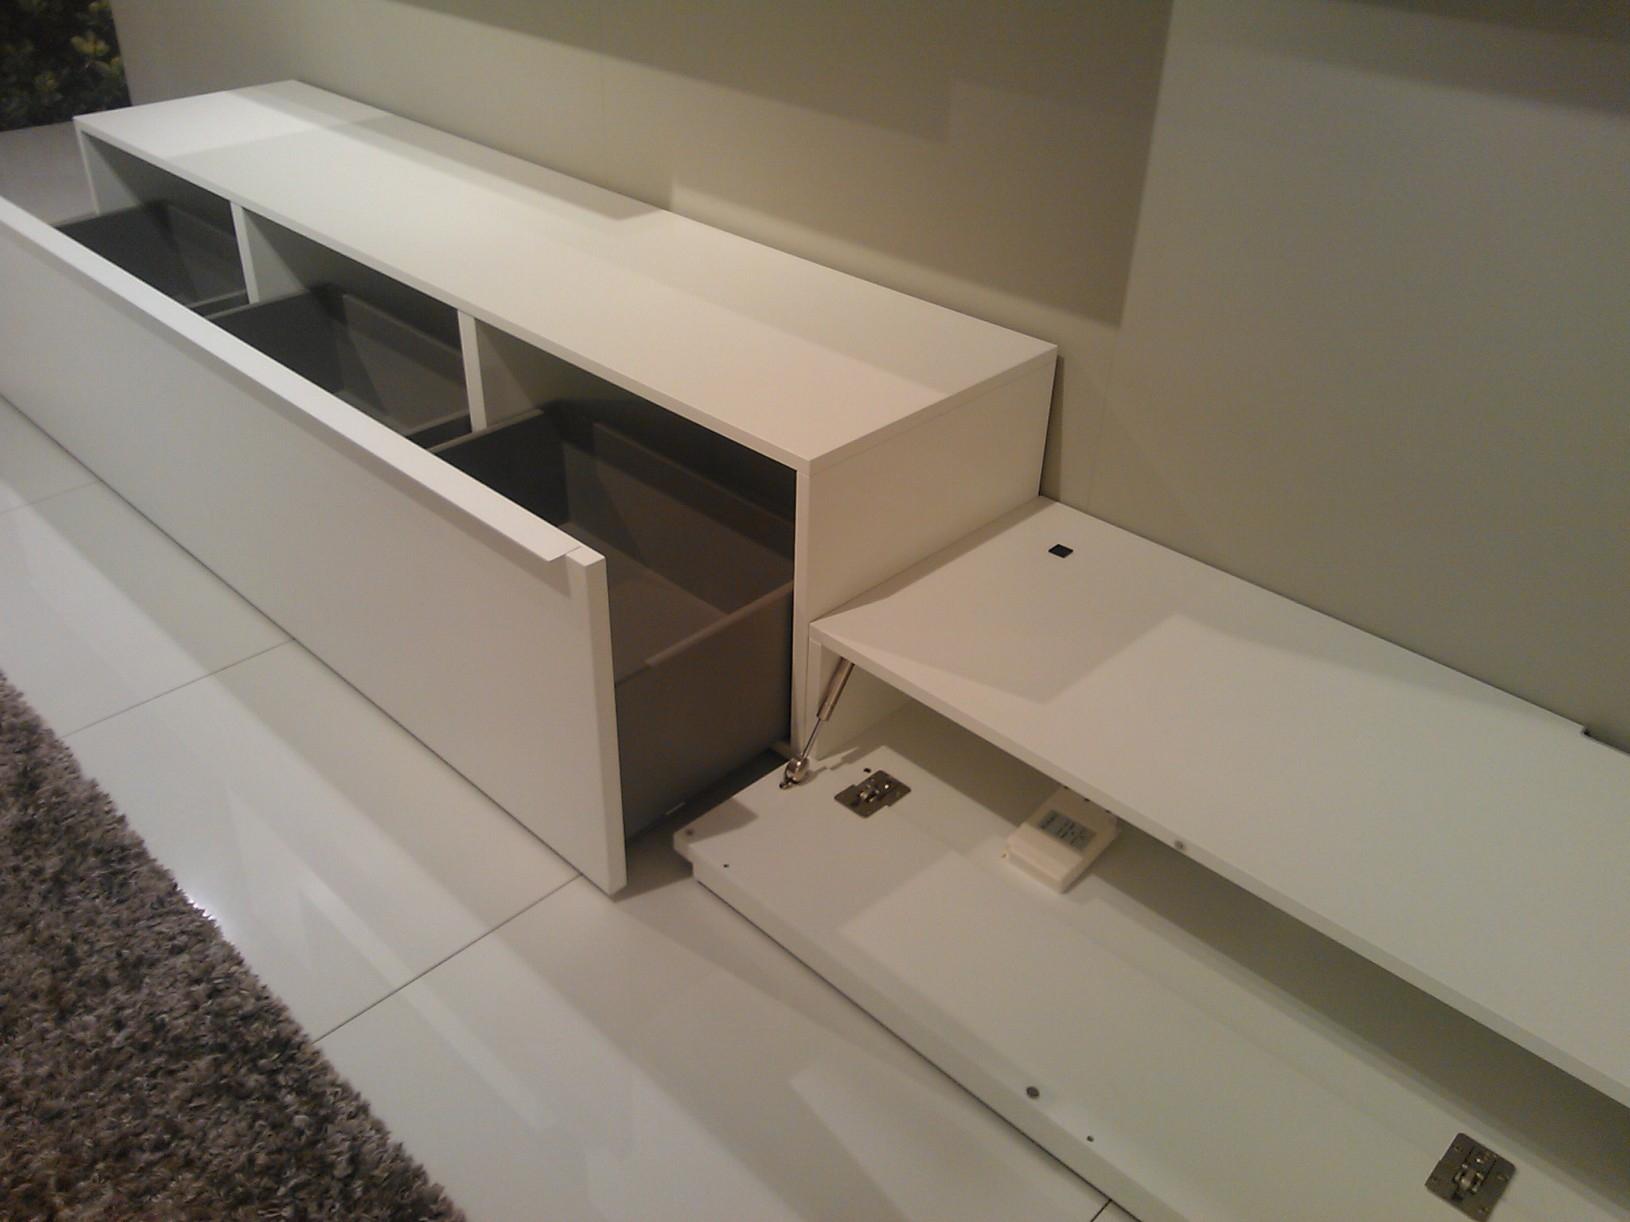 Soggiorno pianca spazio laccato opaco soggiorni a prezzi - Pianca mobili soggiorno ...